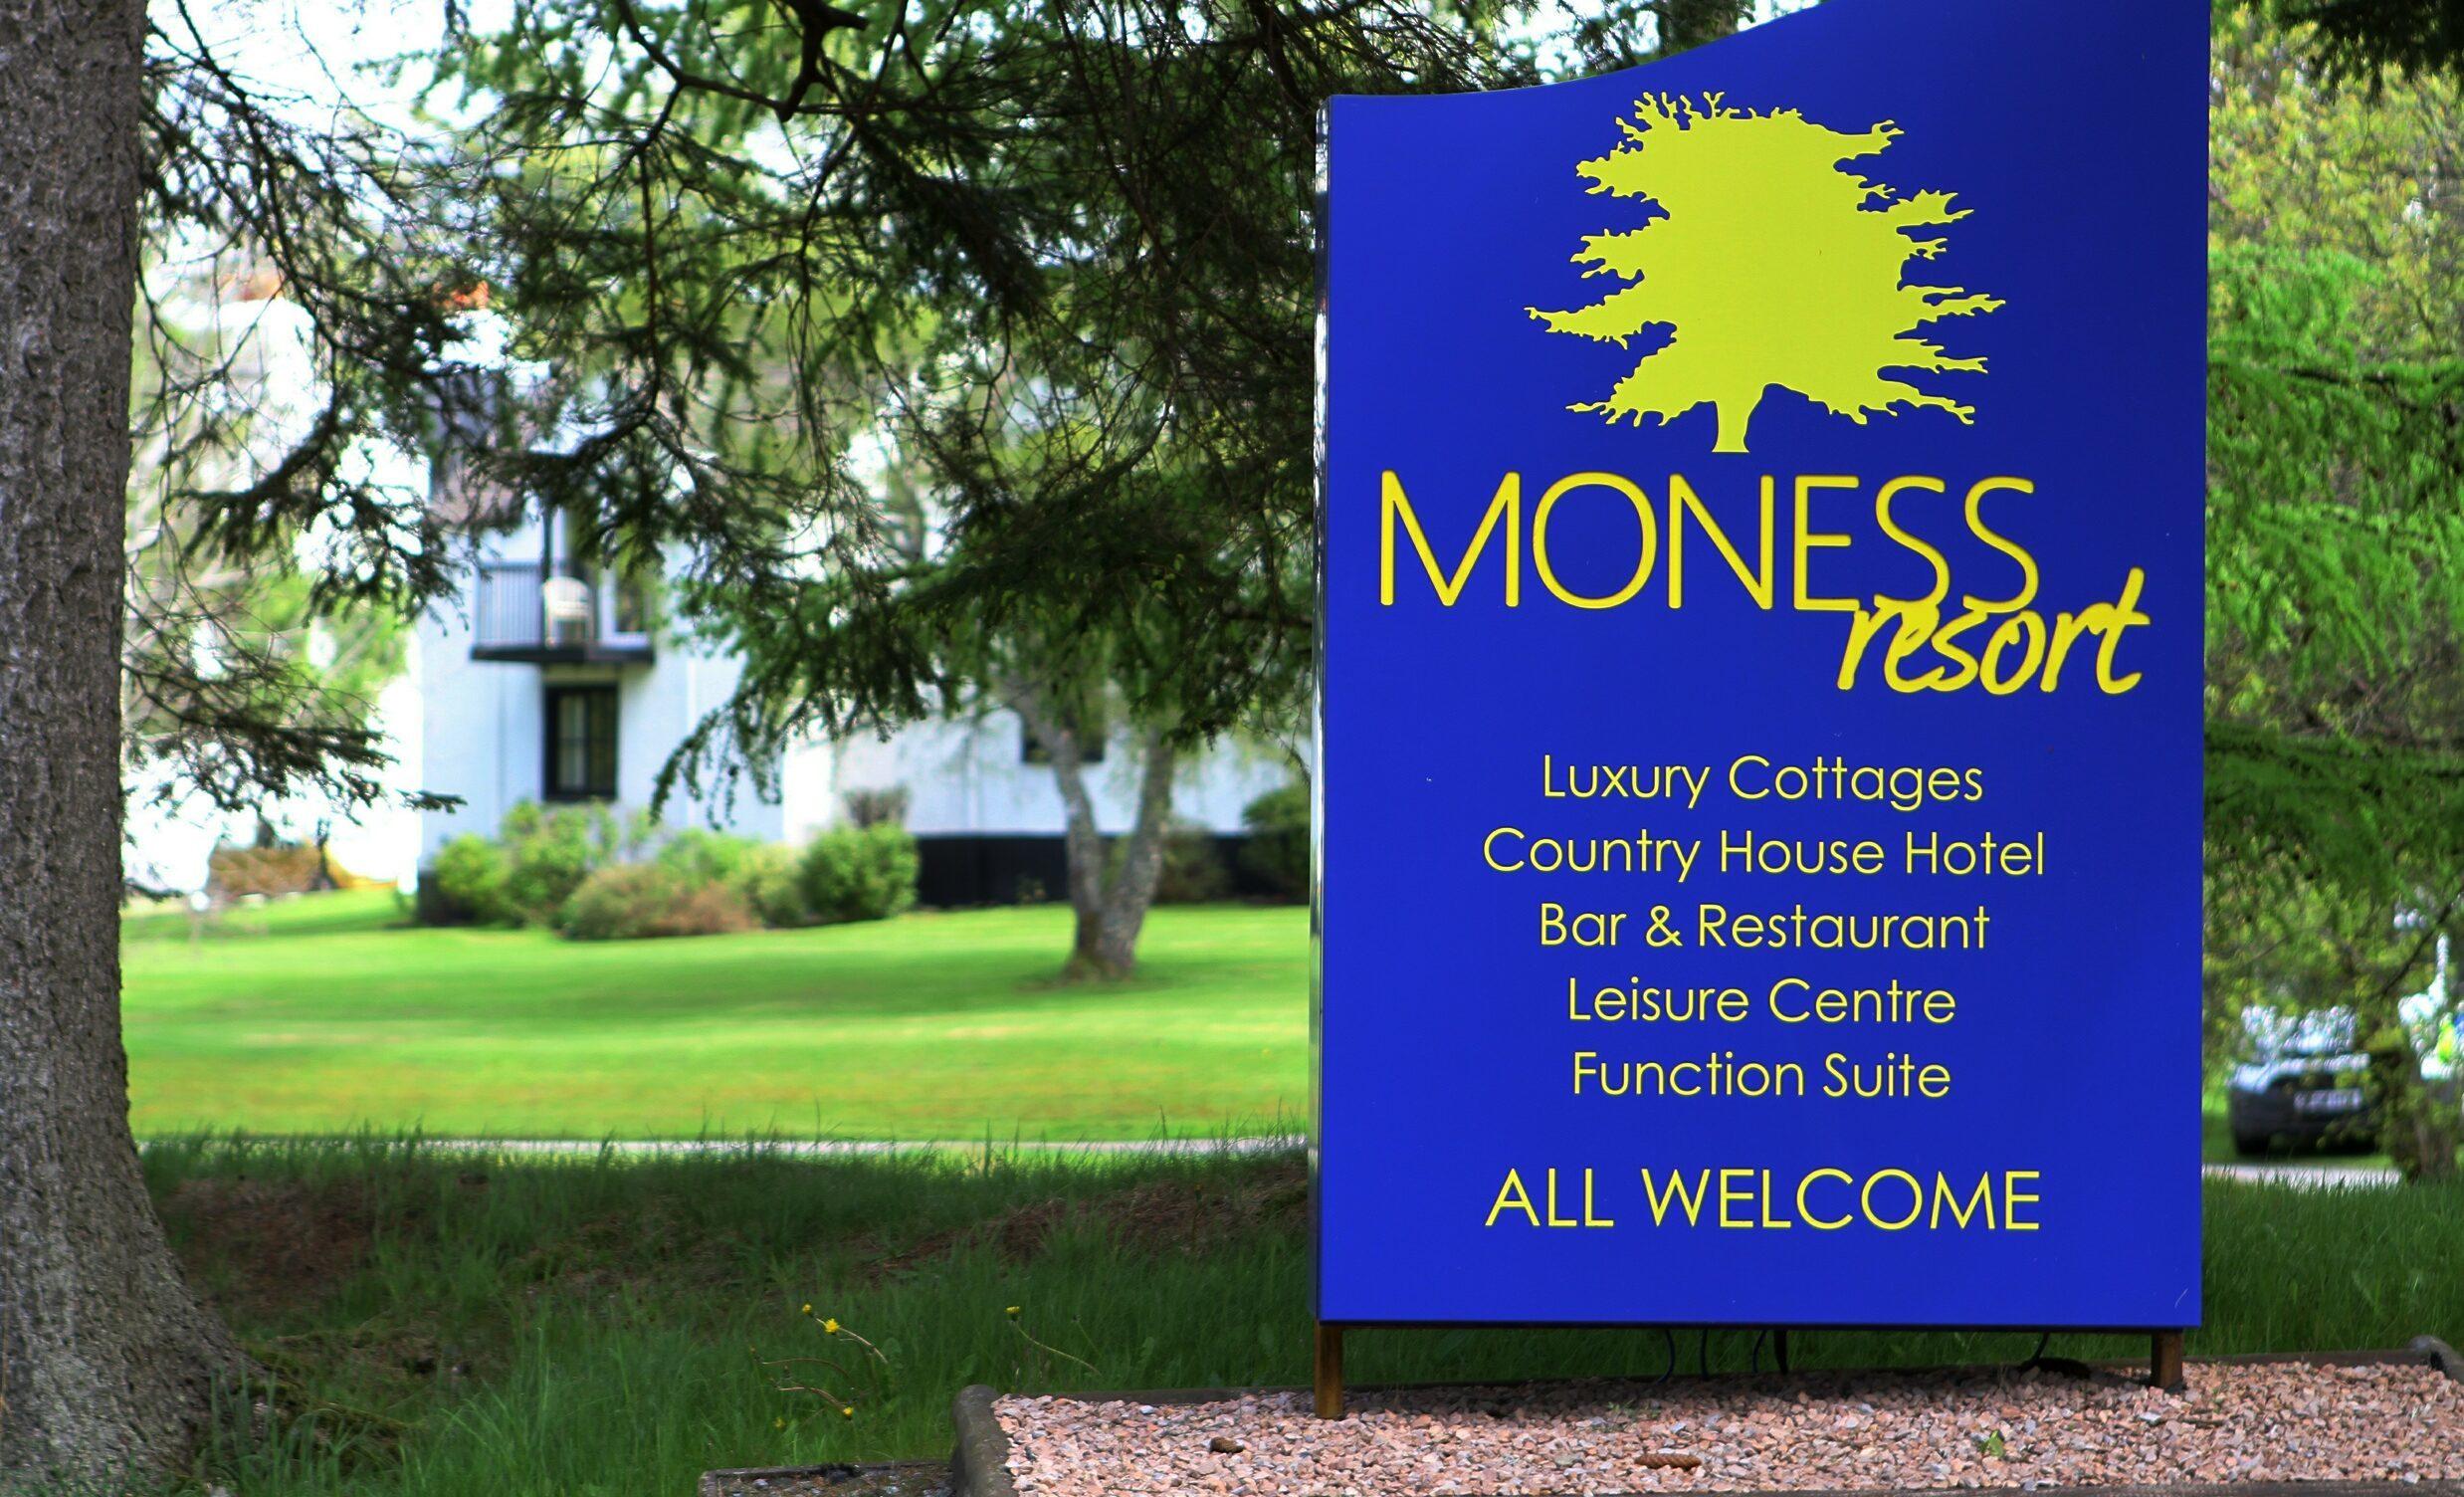 Moness Resort in Aberfeldy